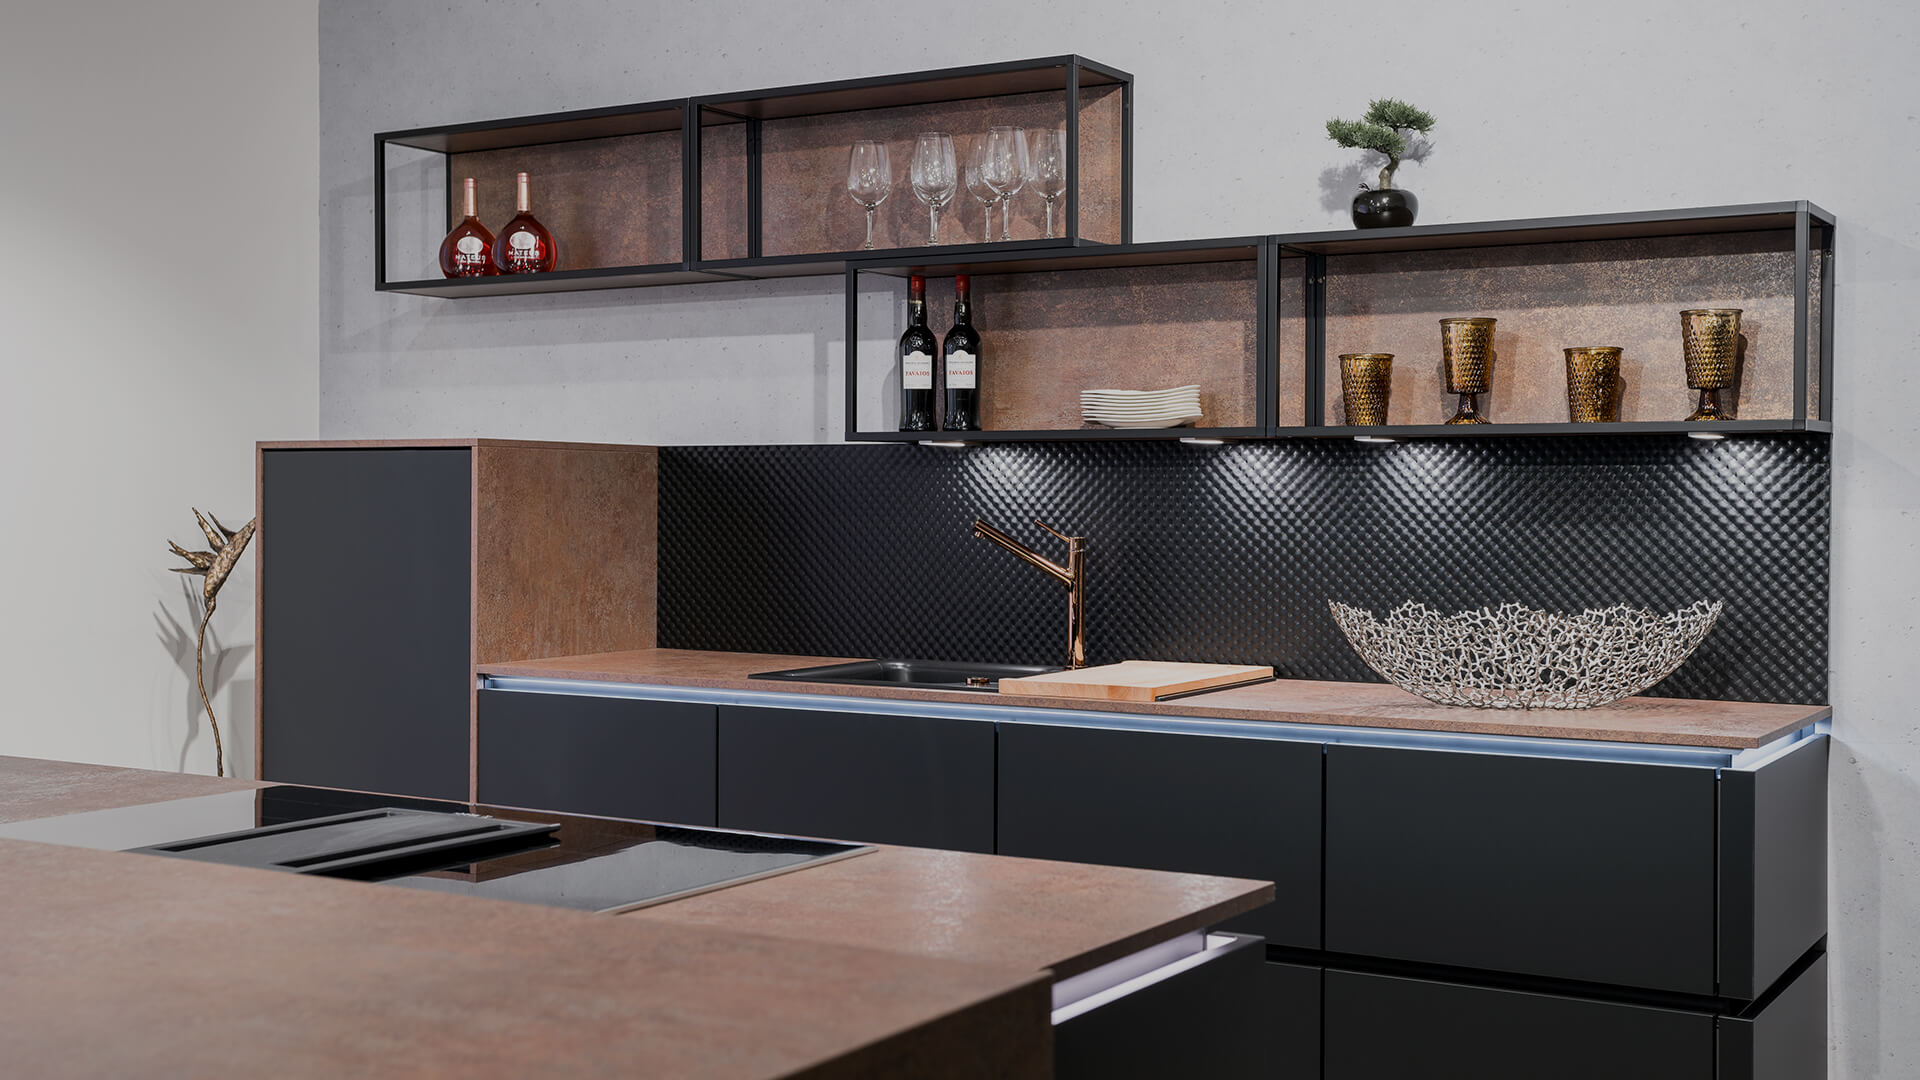 Weisser Küchenstudio Showroom Küchenzeile mit Steinplattem